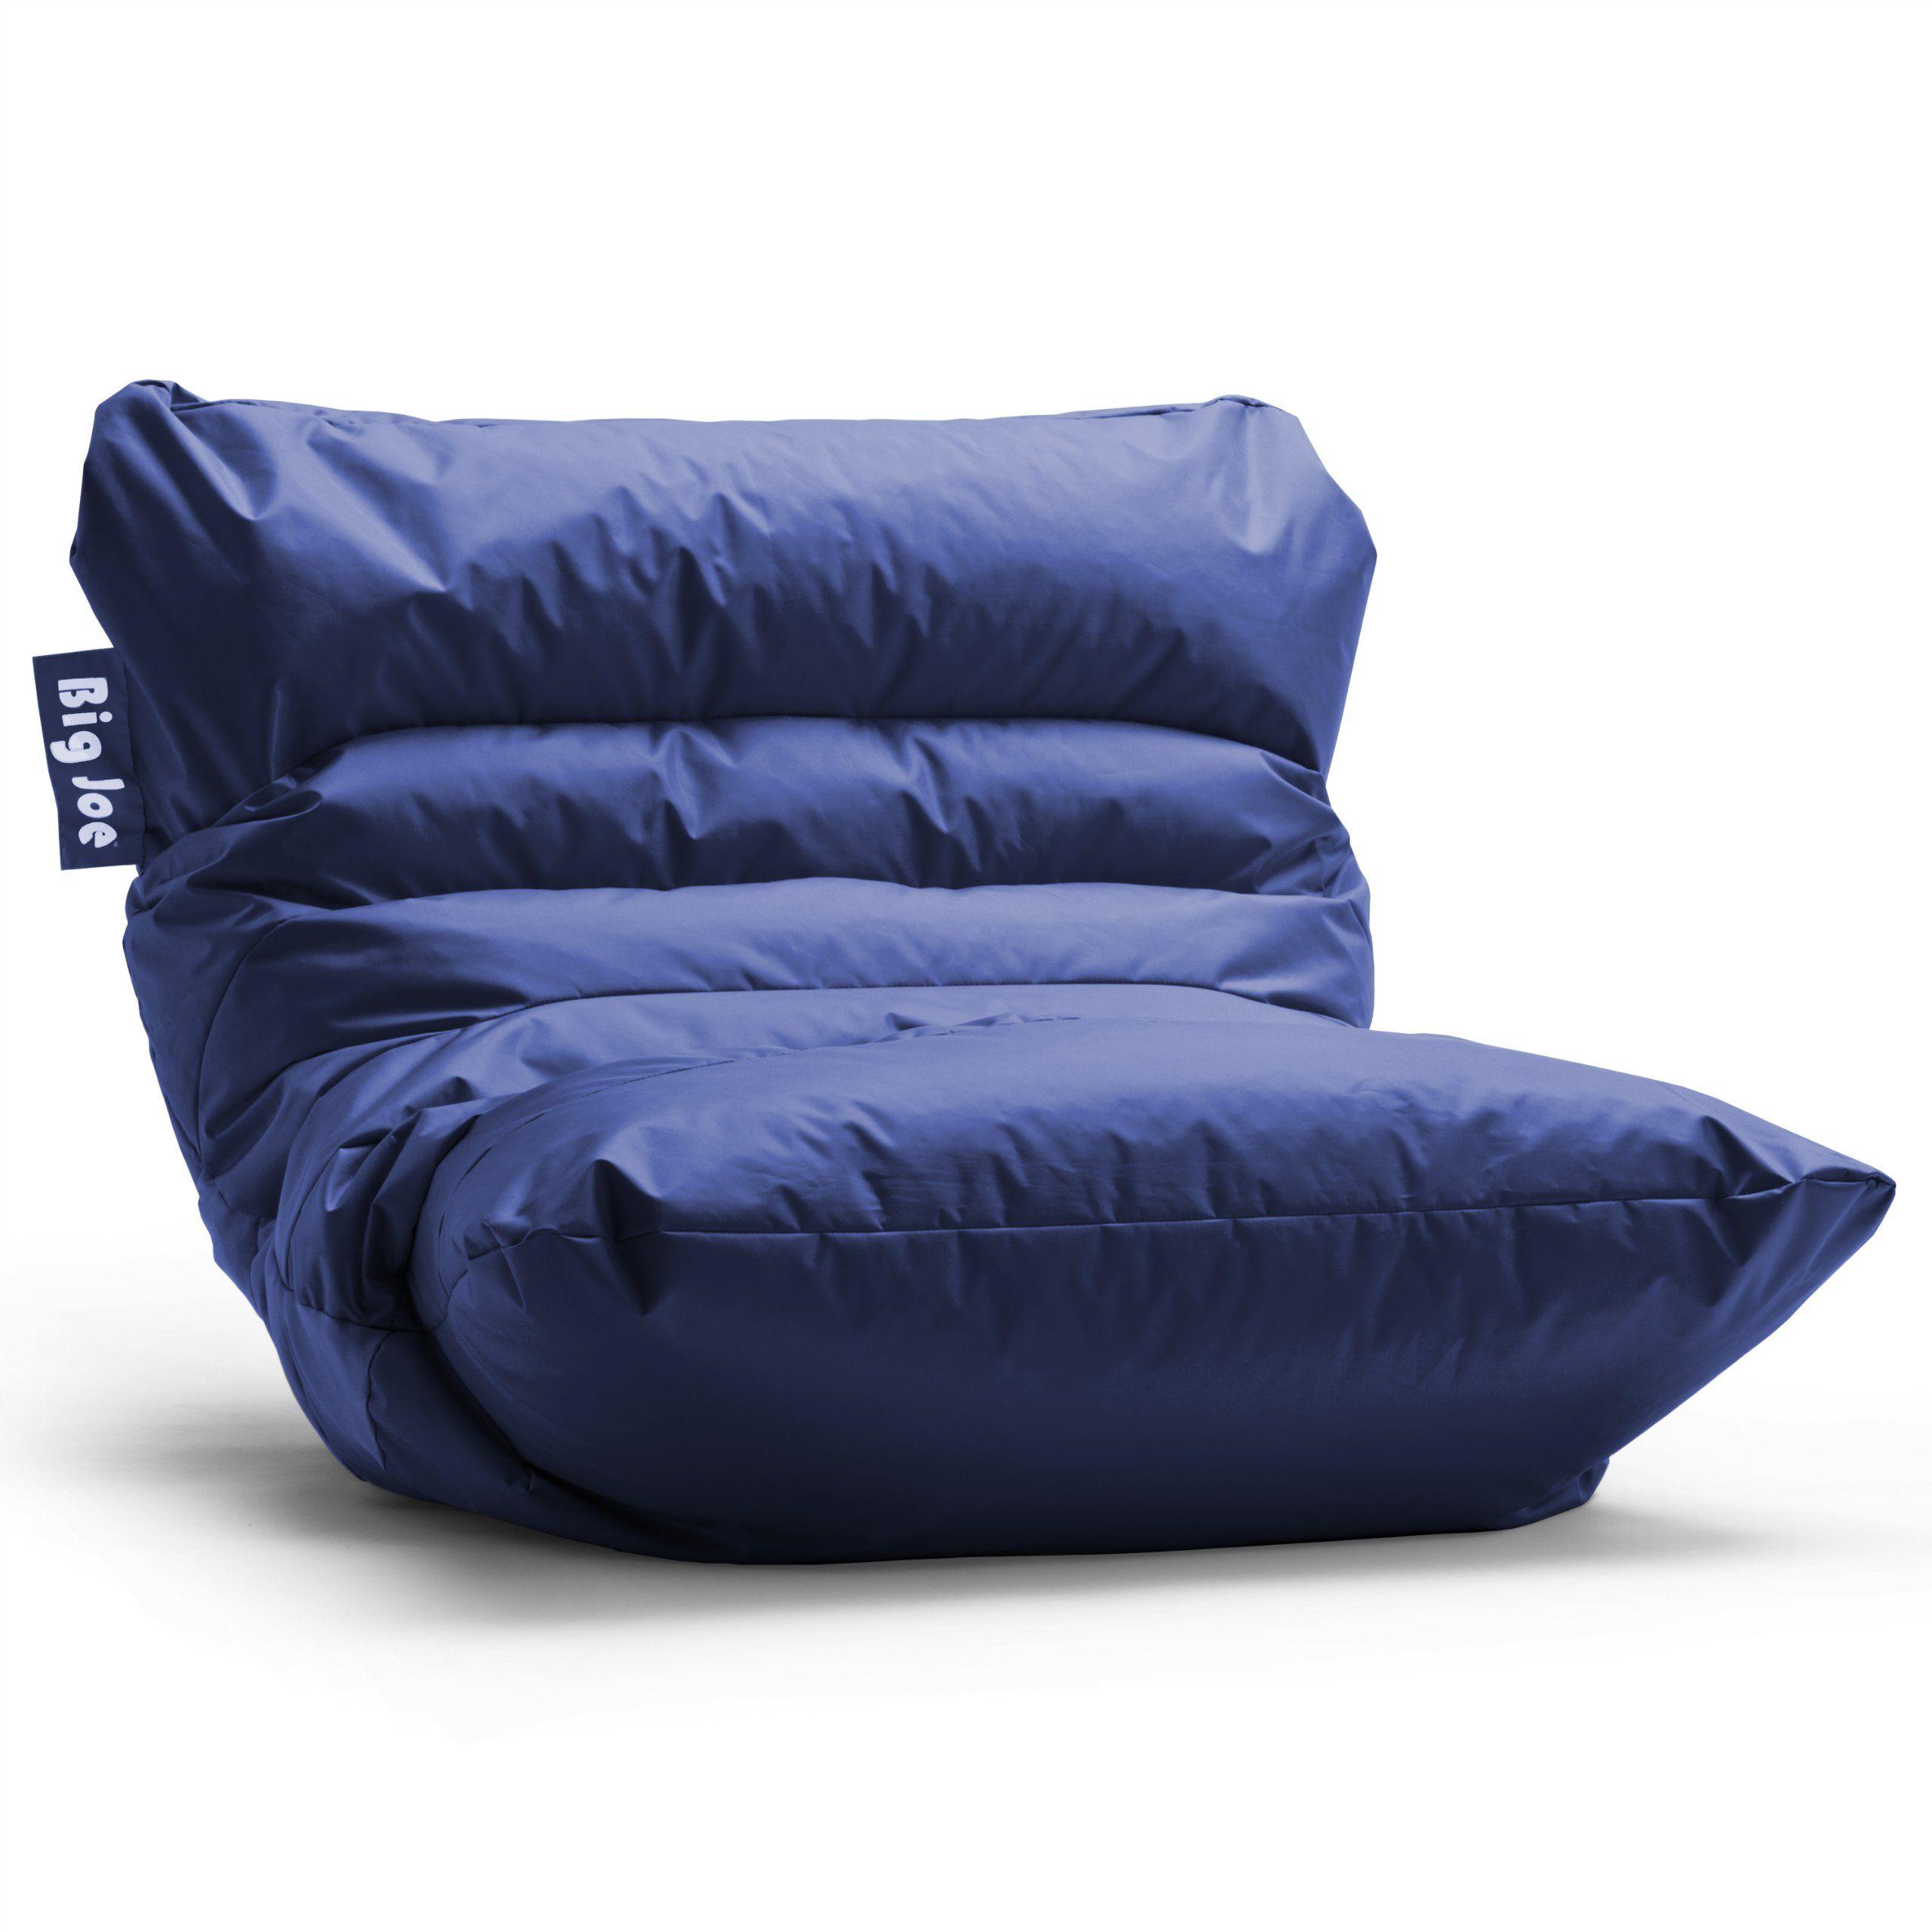 Amazon.com - Big Joe Roma Chair, Limo Black - Bean Bag ...